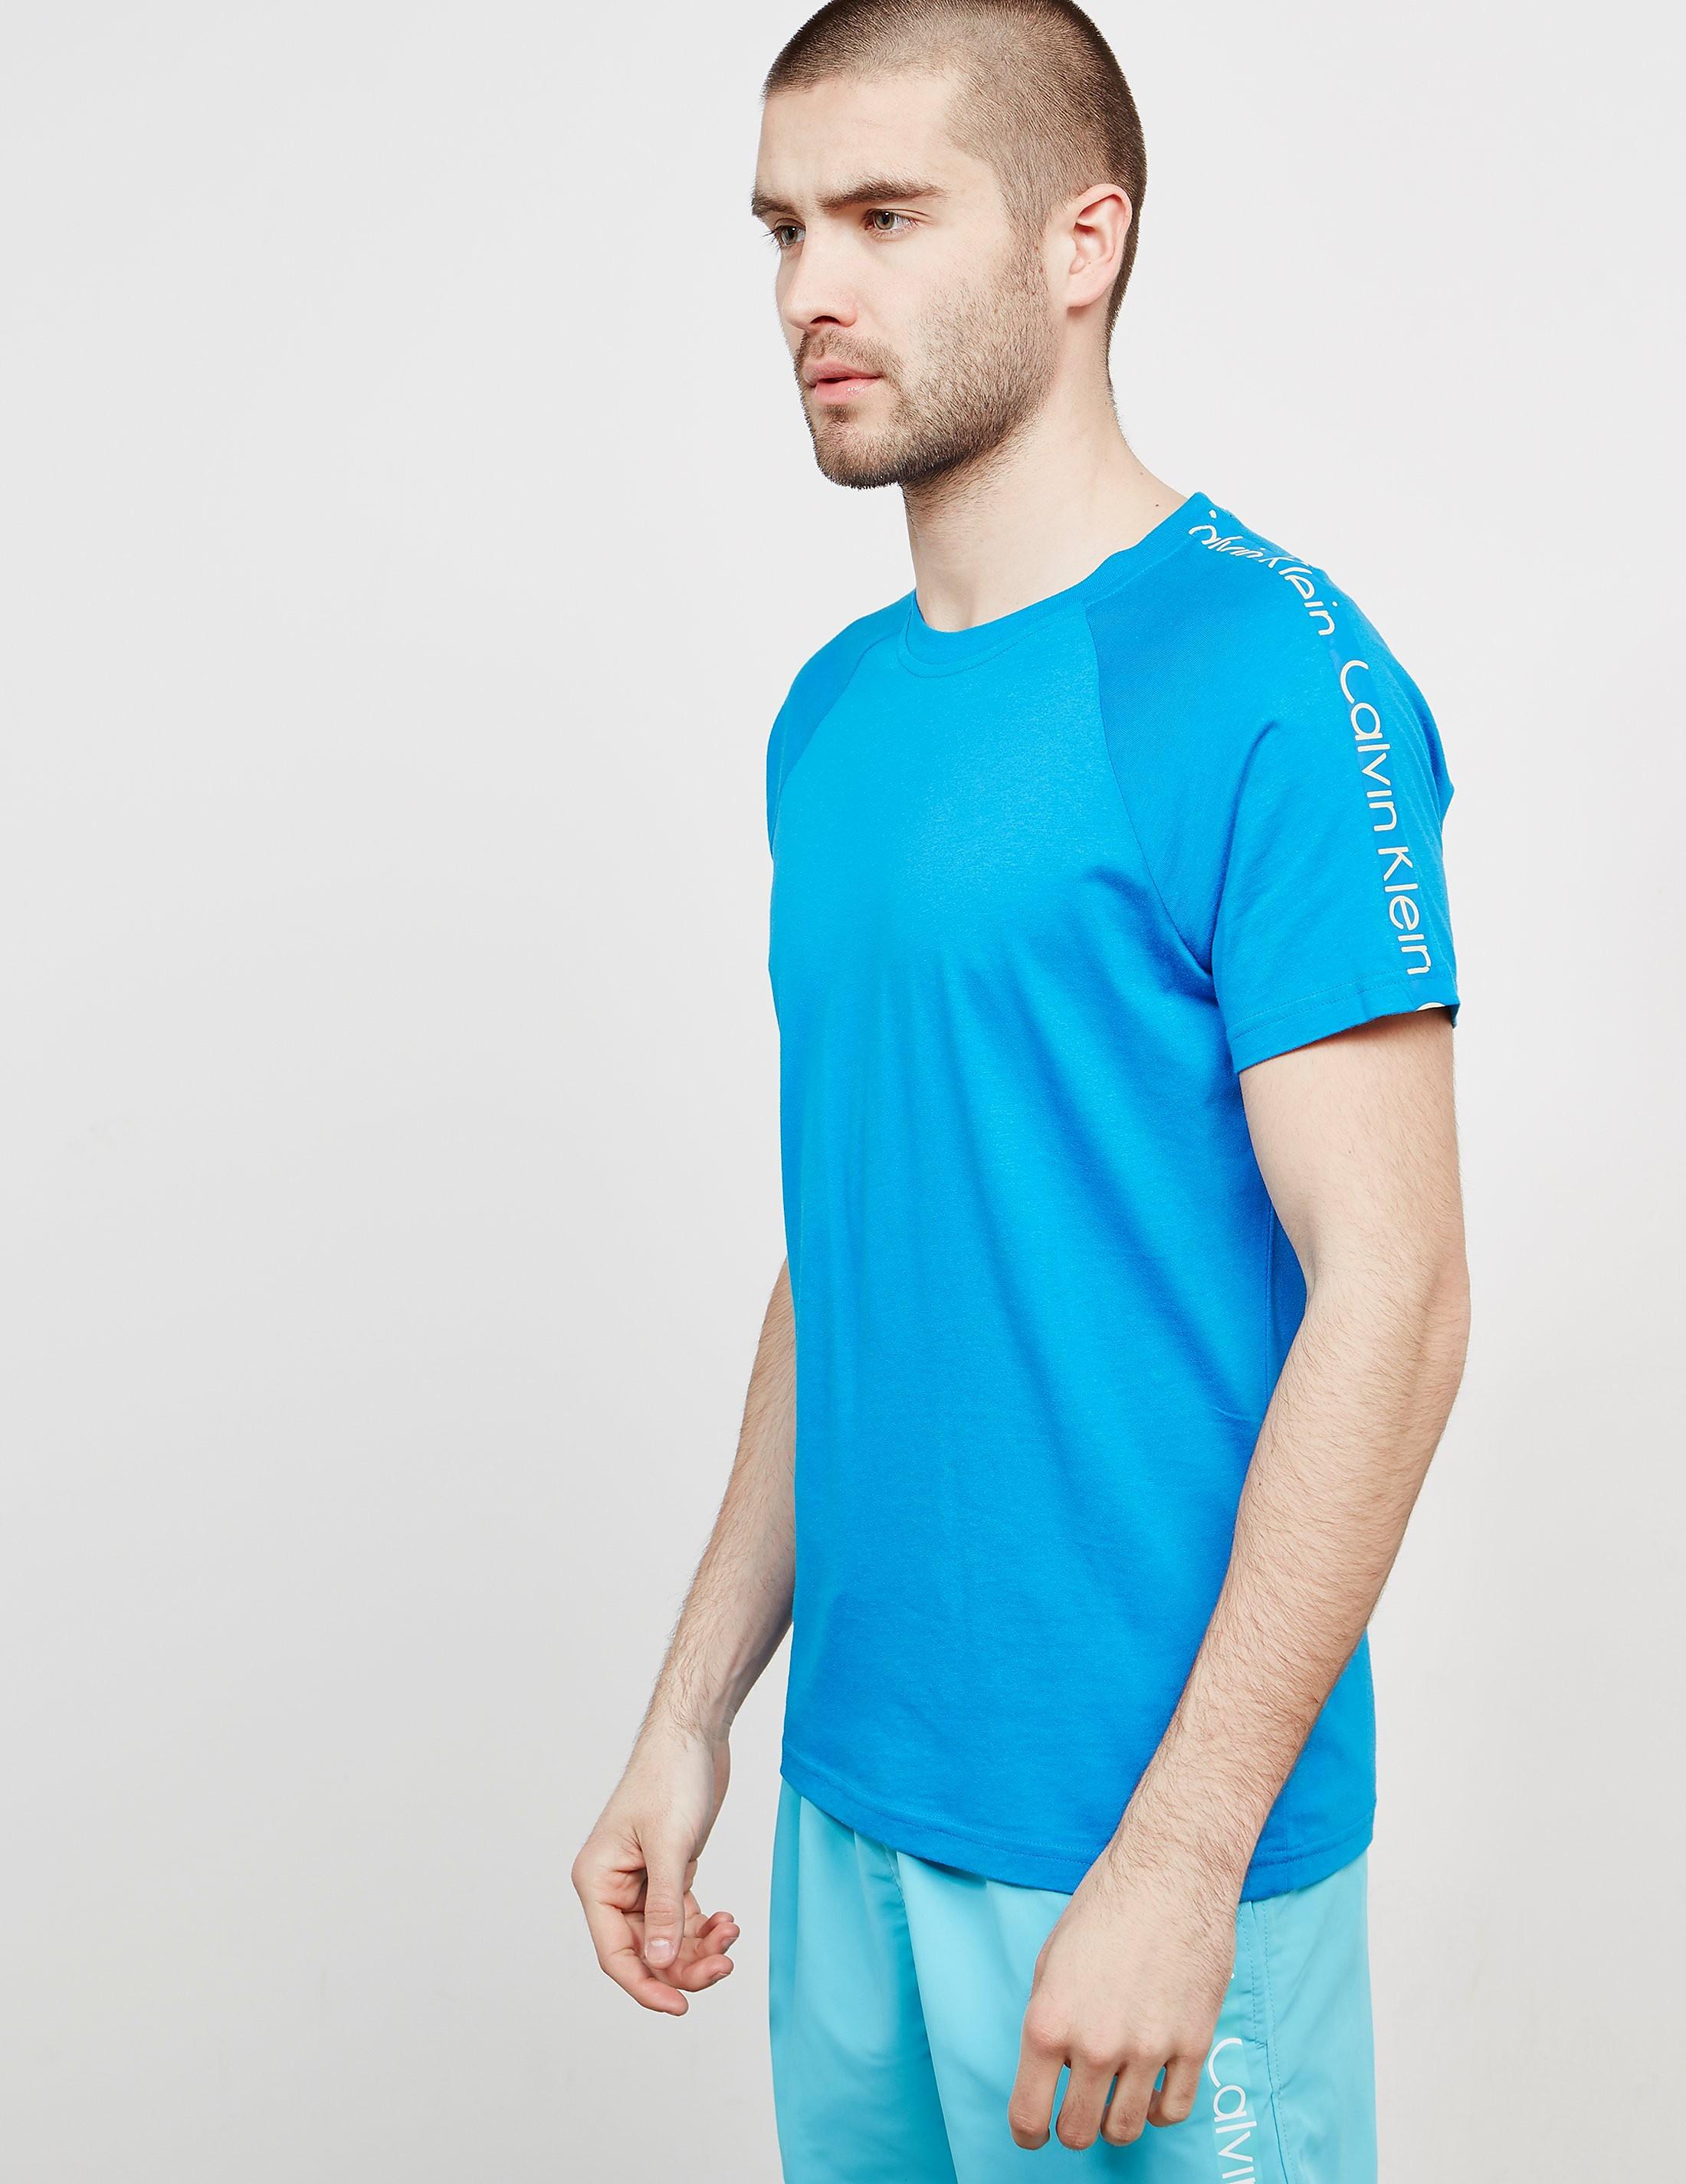 Calvin Klein Sleeve Branded Short Sleeve T-Shirt